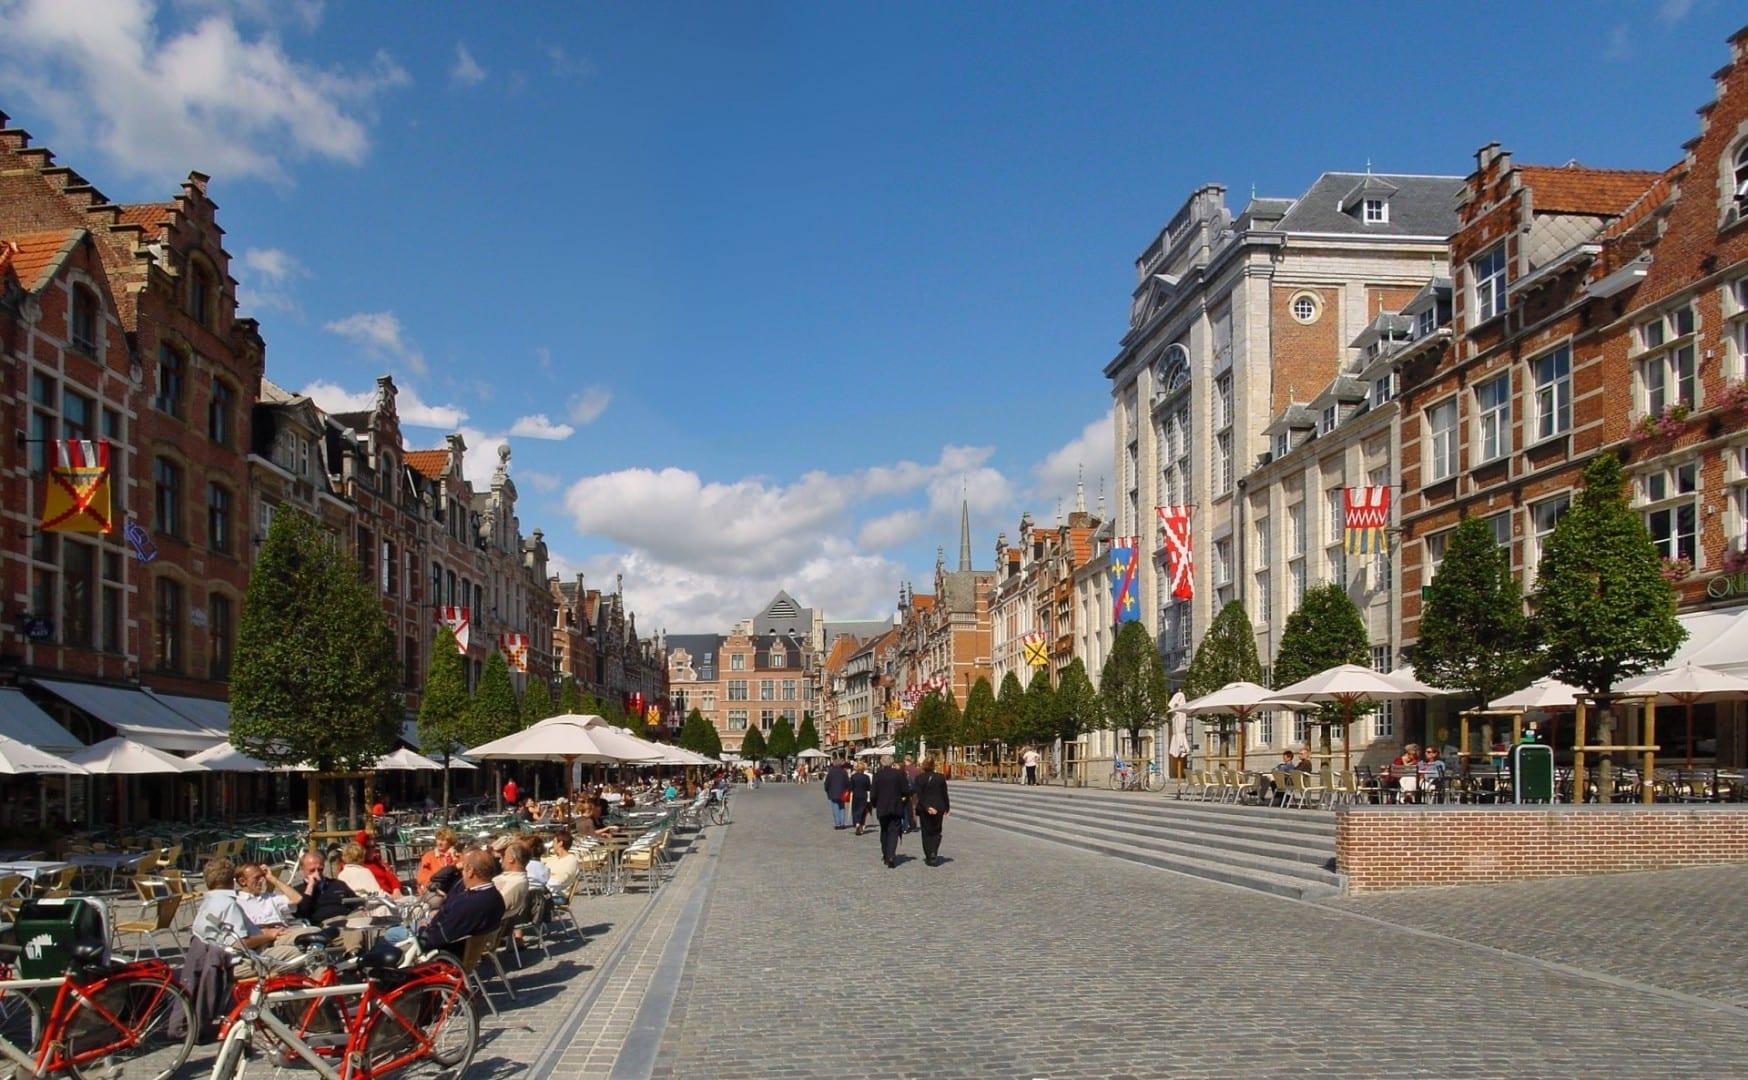 Oude Markt, con más de 45 bares y restaurantes. Lovaina Bélgica